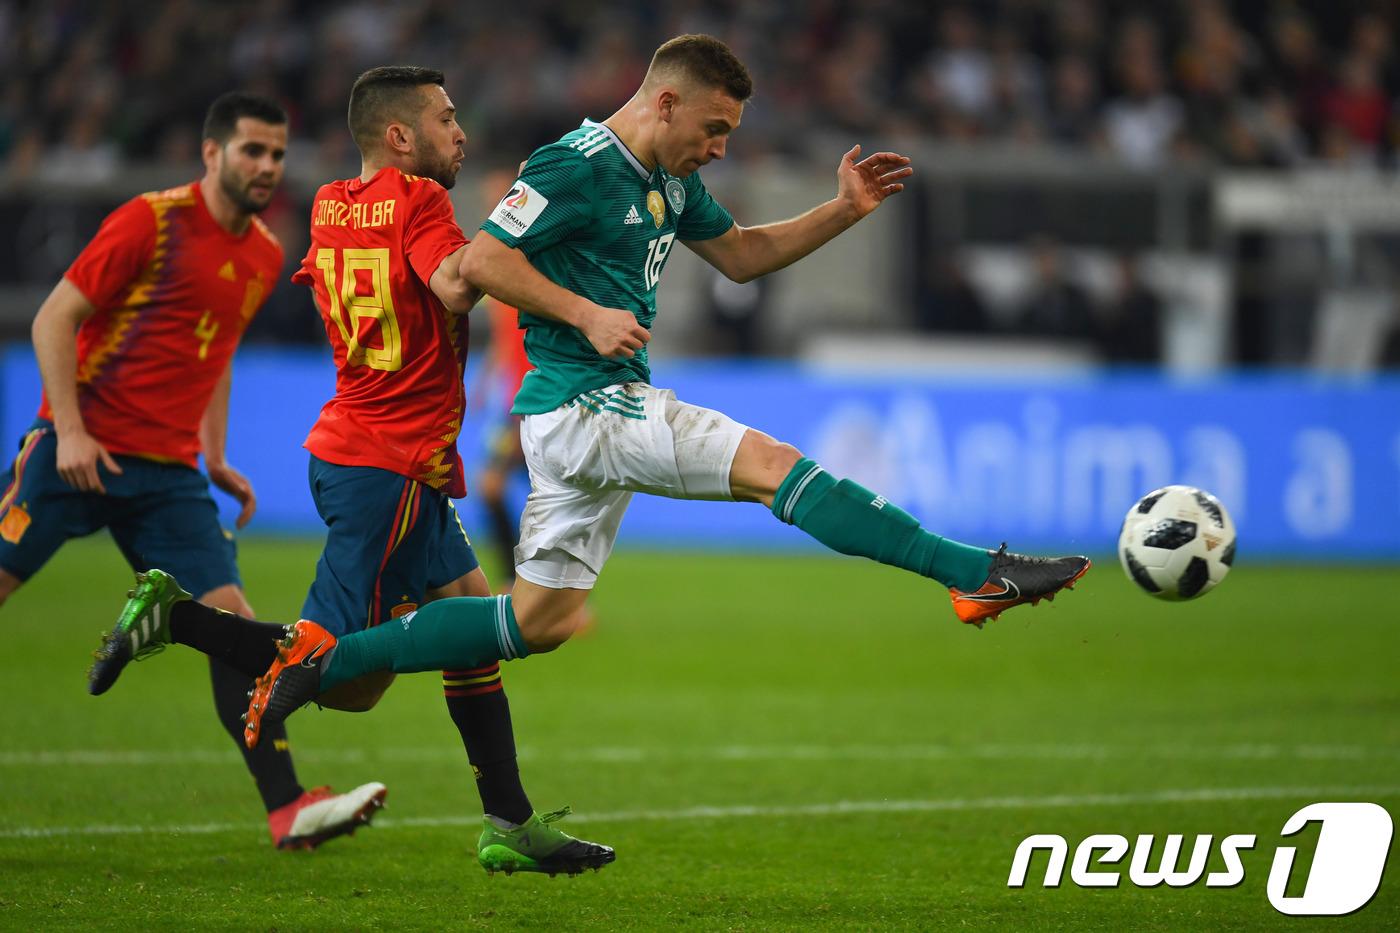 러시아 WC '우승후보' 독일과 스페인의 맞대결, 1-1 무승부